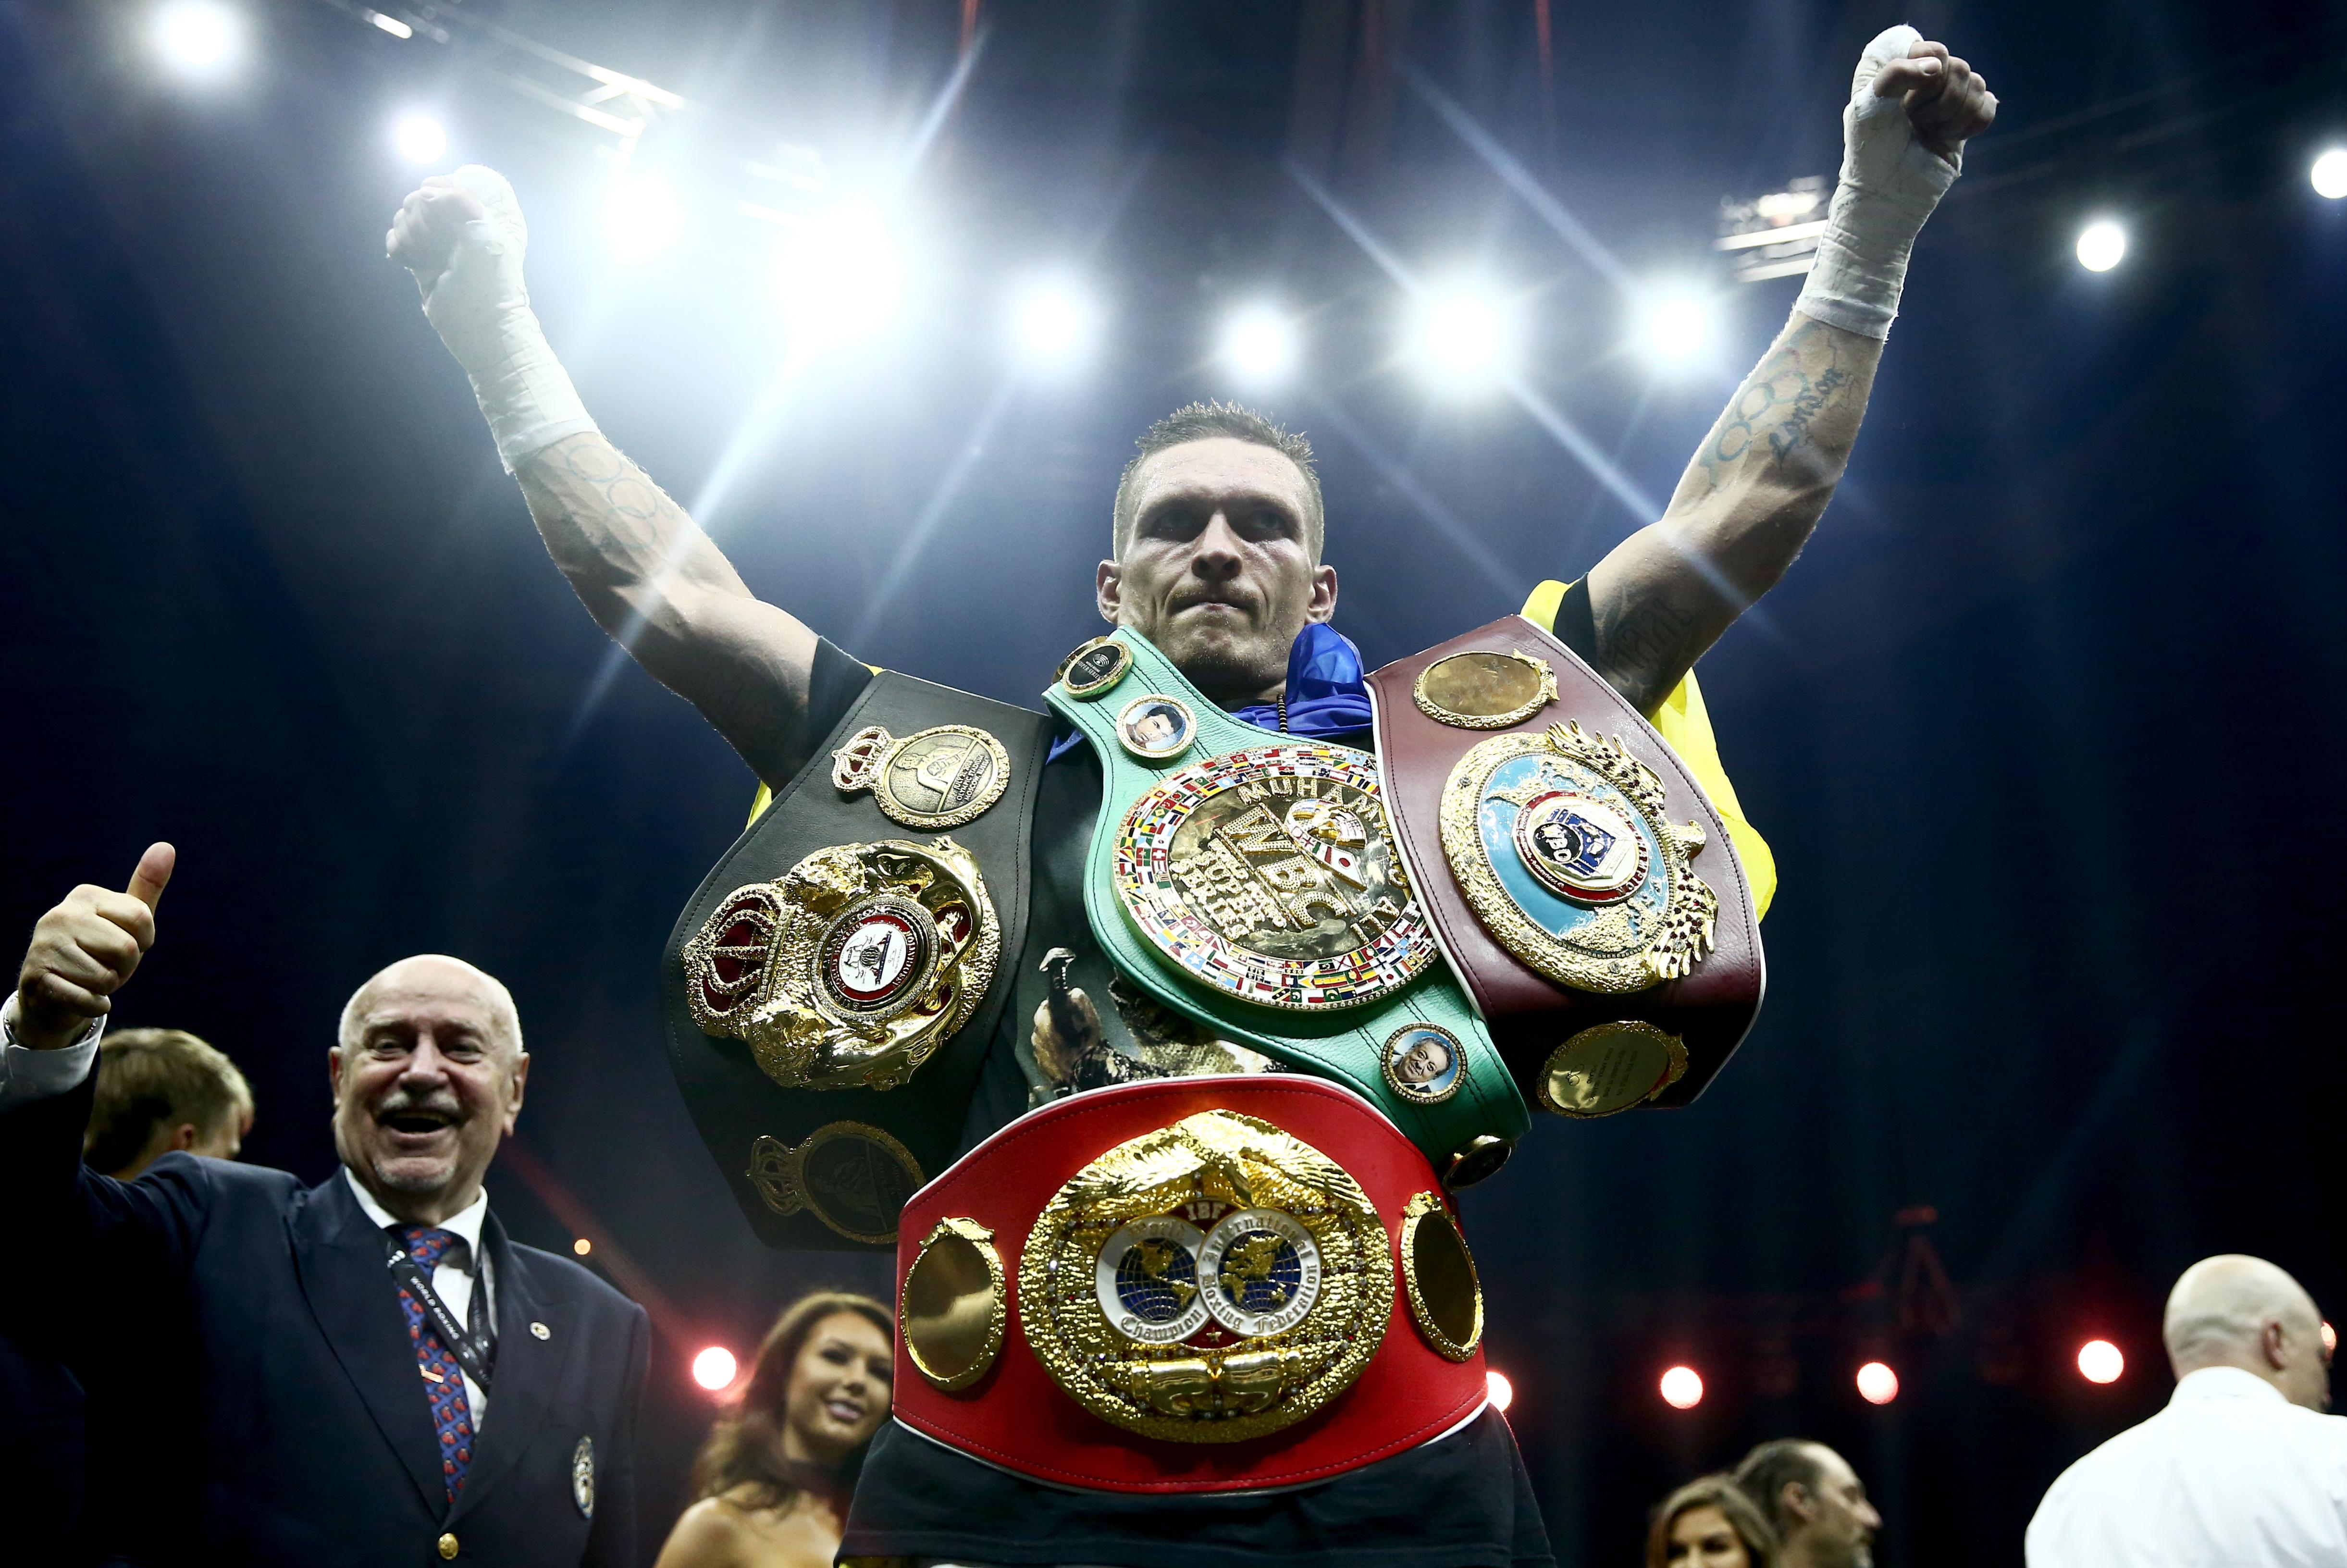 Українець Олександр Усик переміг росіянина Мурата Гассієва та став абсолютним чемпіоном світу з боксу